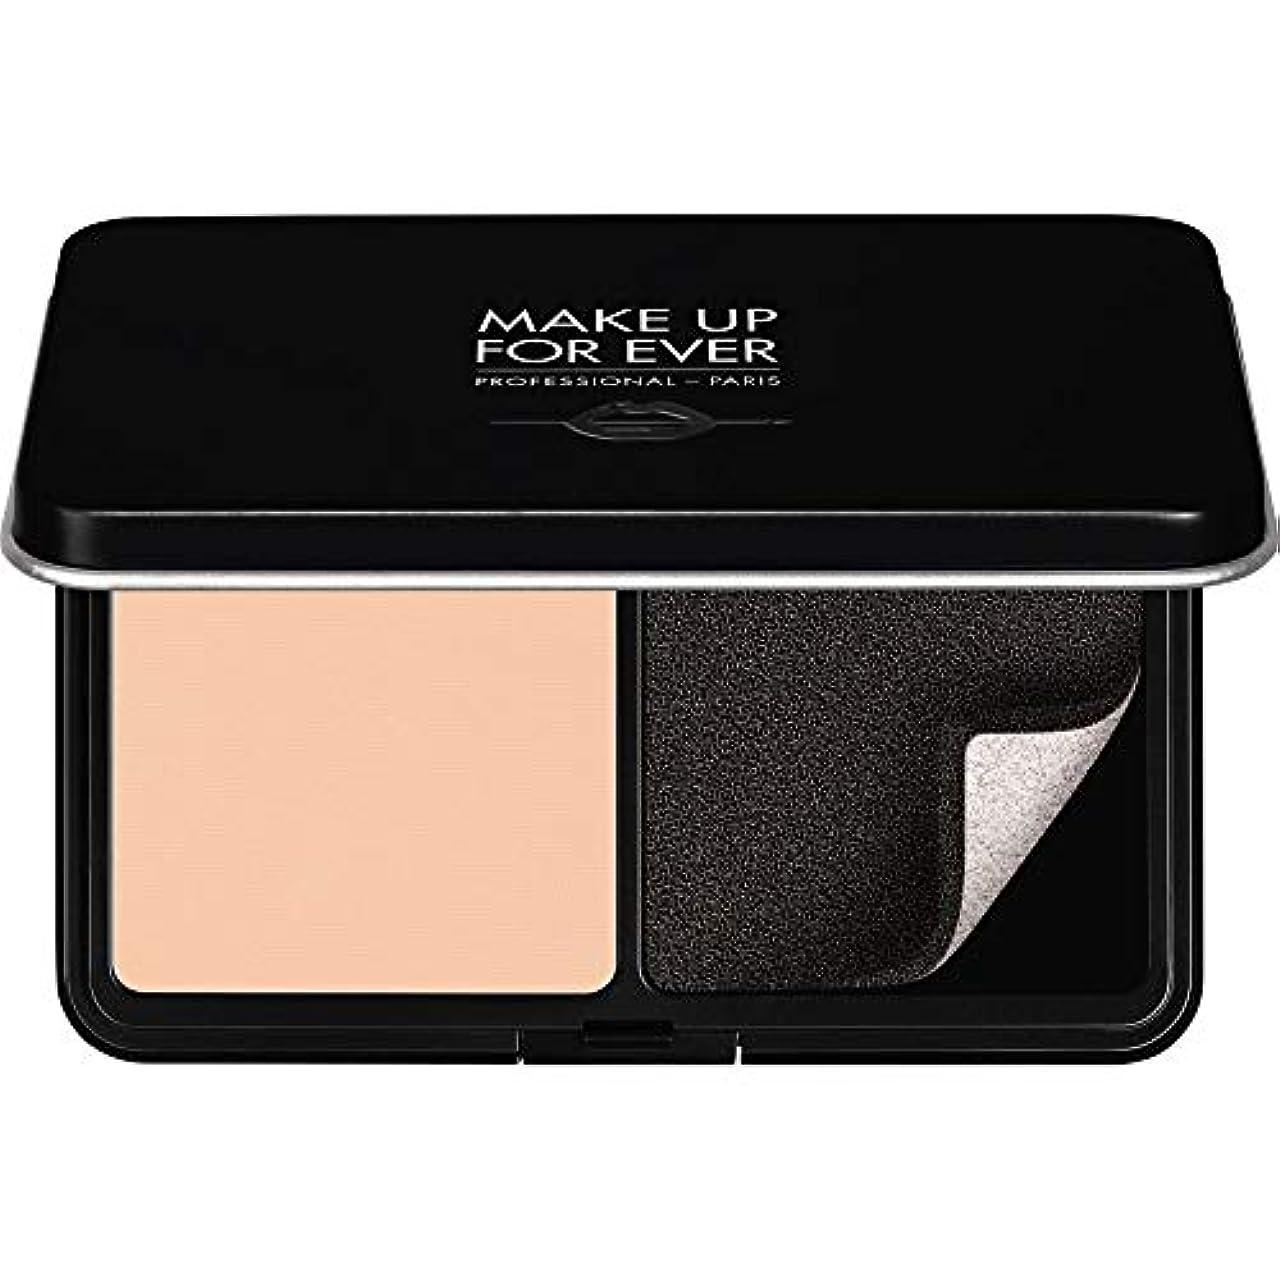 鷲手つかずの開梱[MAKE UP FOR EVER ] パウダーファンデーション11GののR210をぼかし、これまでマットベルベットの肌を補う - ピンクアラバスター - MAKE UP FOR EVER Matte Velvet Skin...